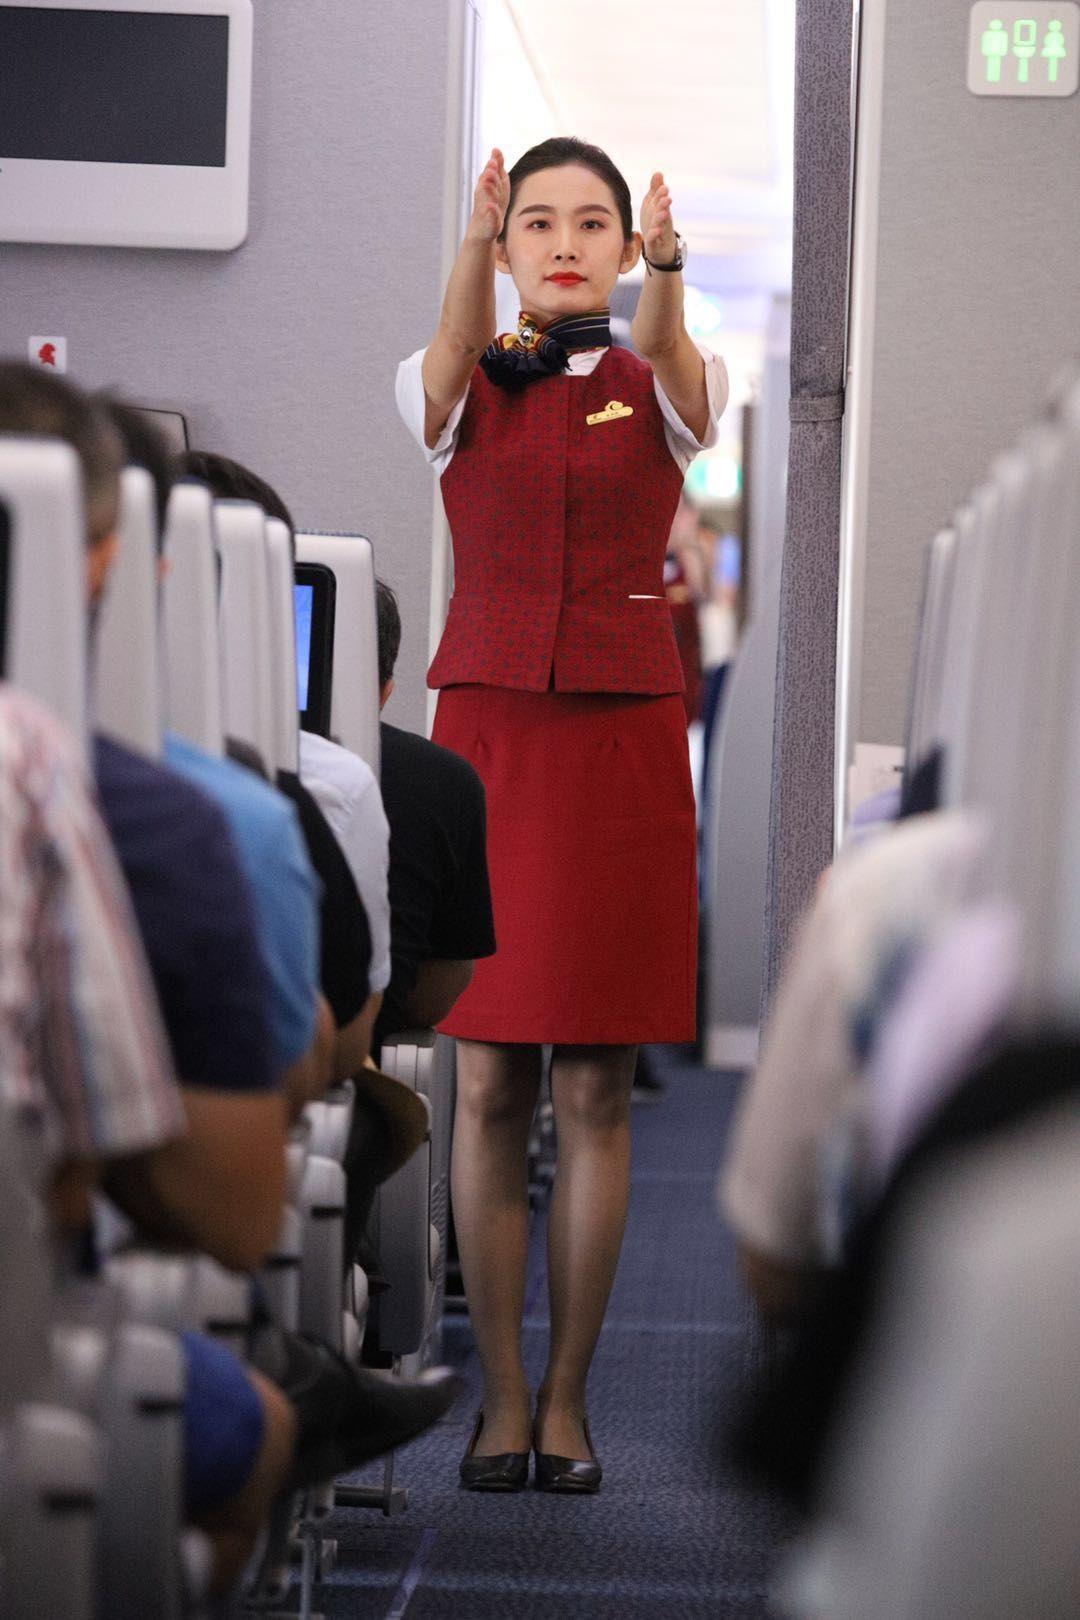 图:国航空乘给旅客做航空安全演示.